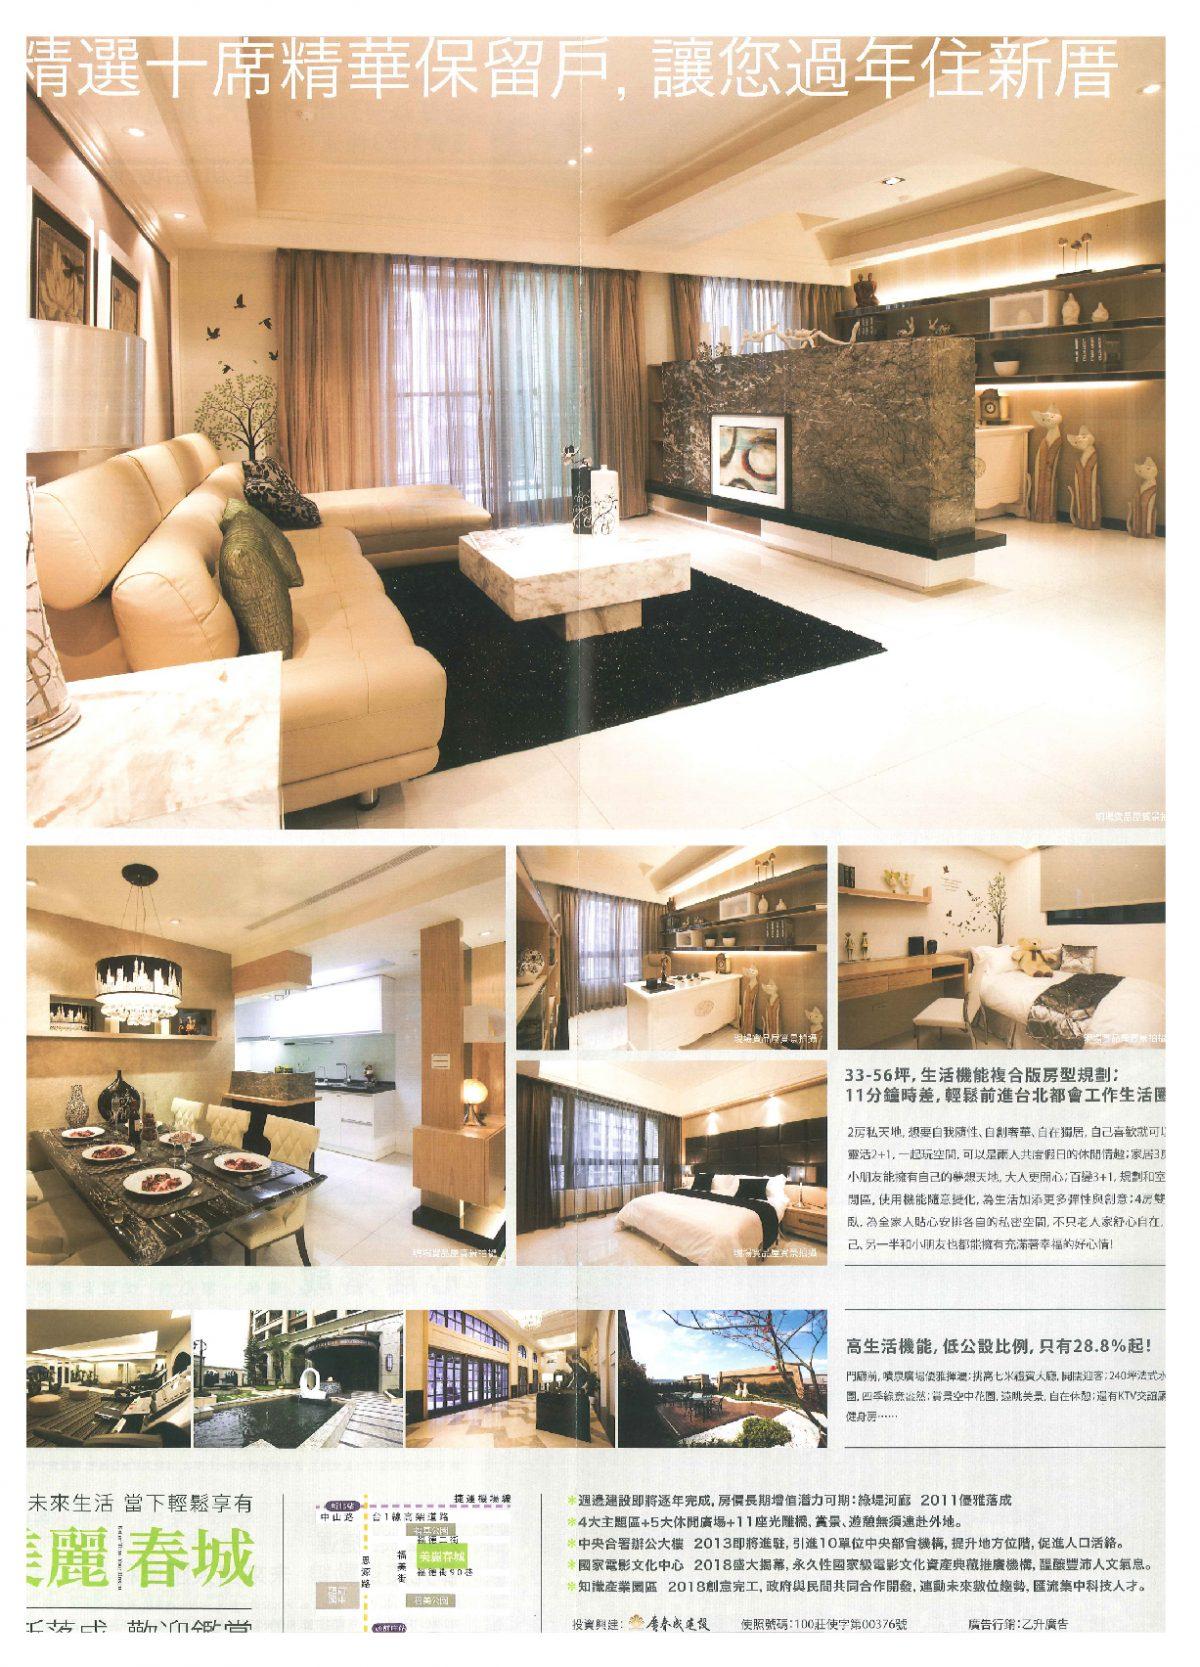 2012-美麗春城實品屋(1)